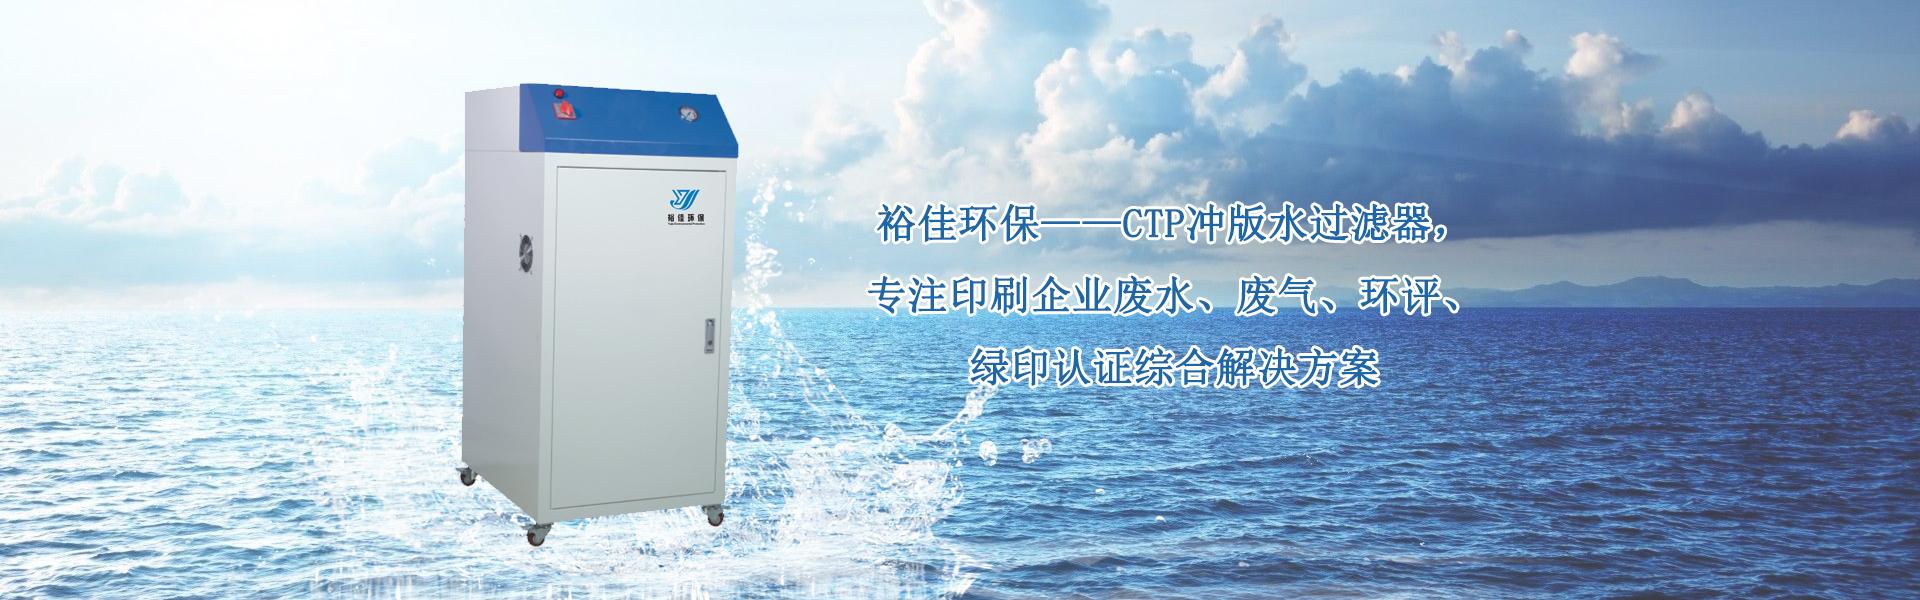 显影水洗过滤系统